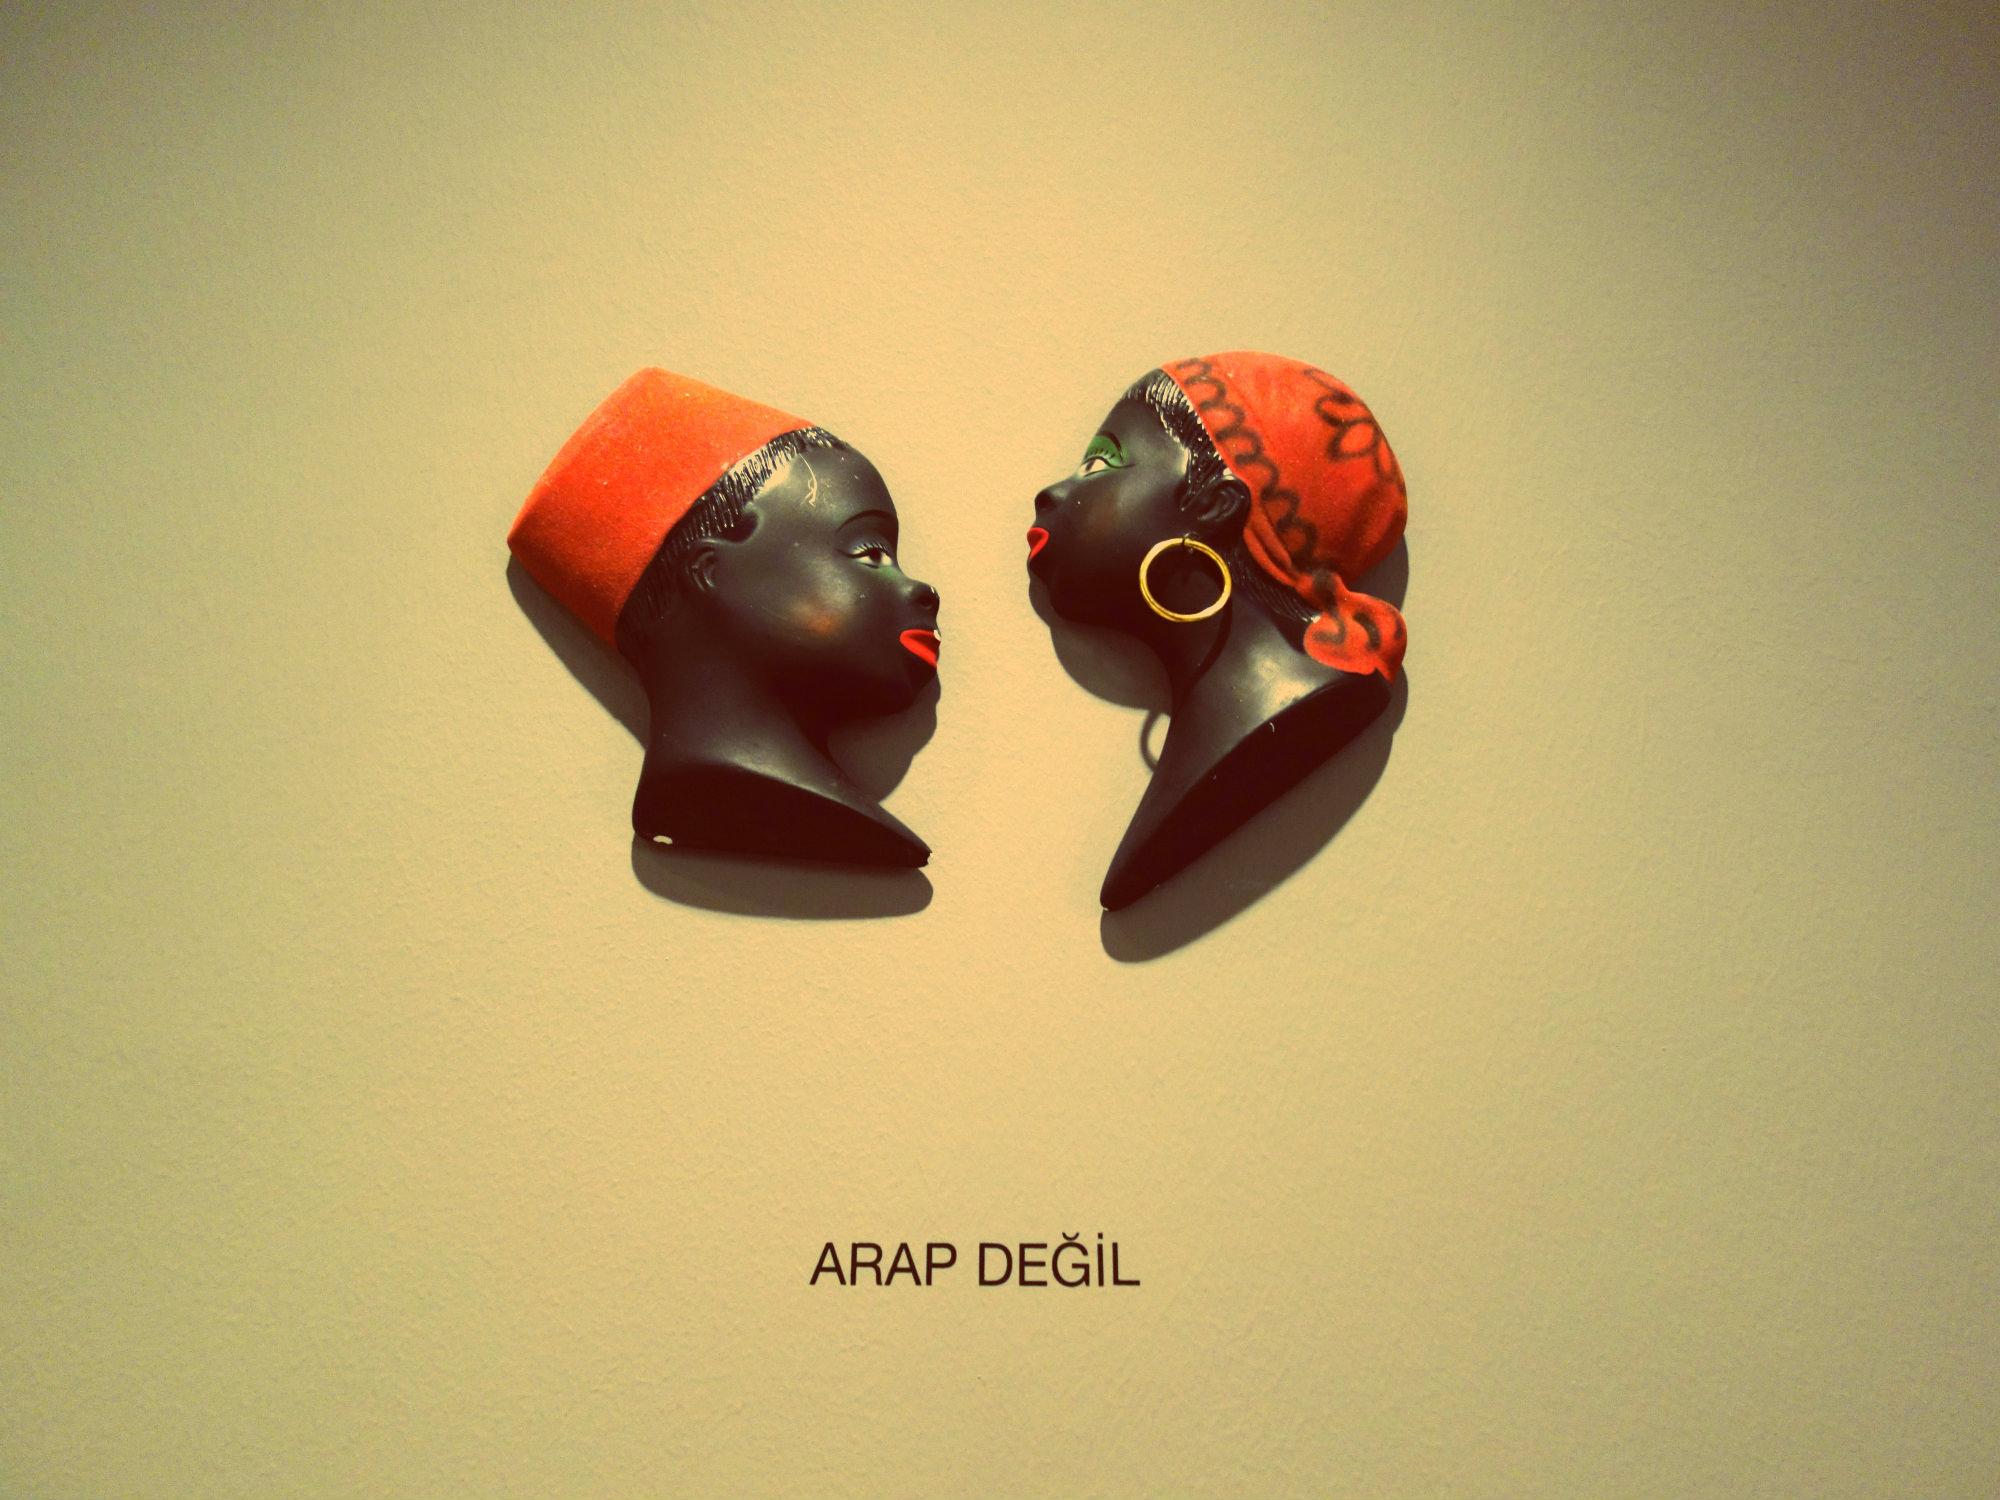 Fred Wilson: Arap değil / Nicht arabisch, Istanbul Biennale 2017